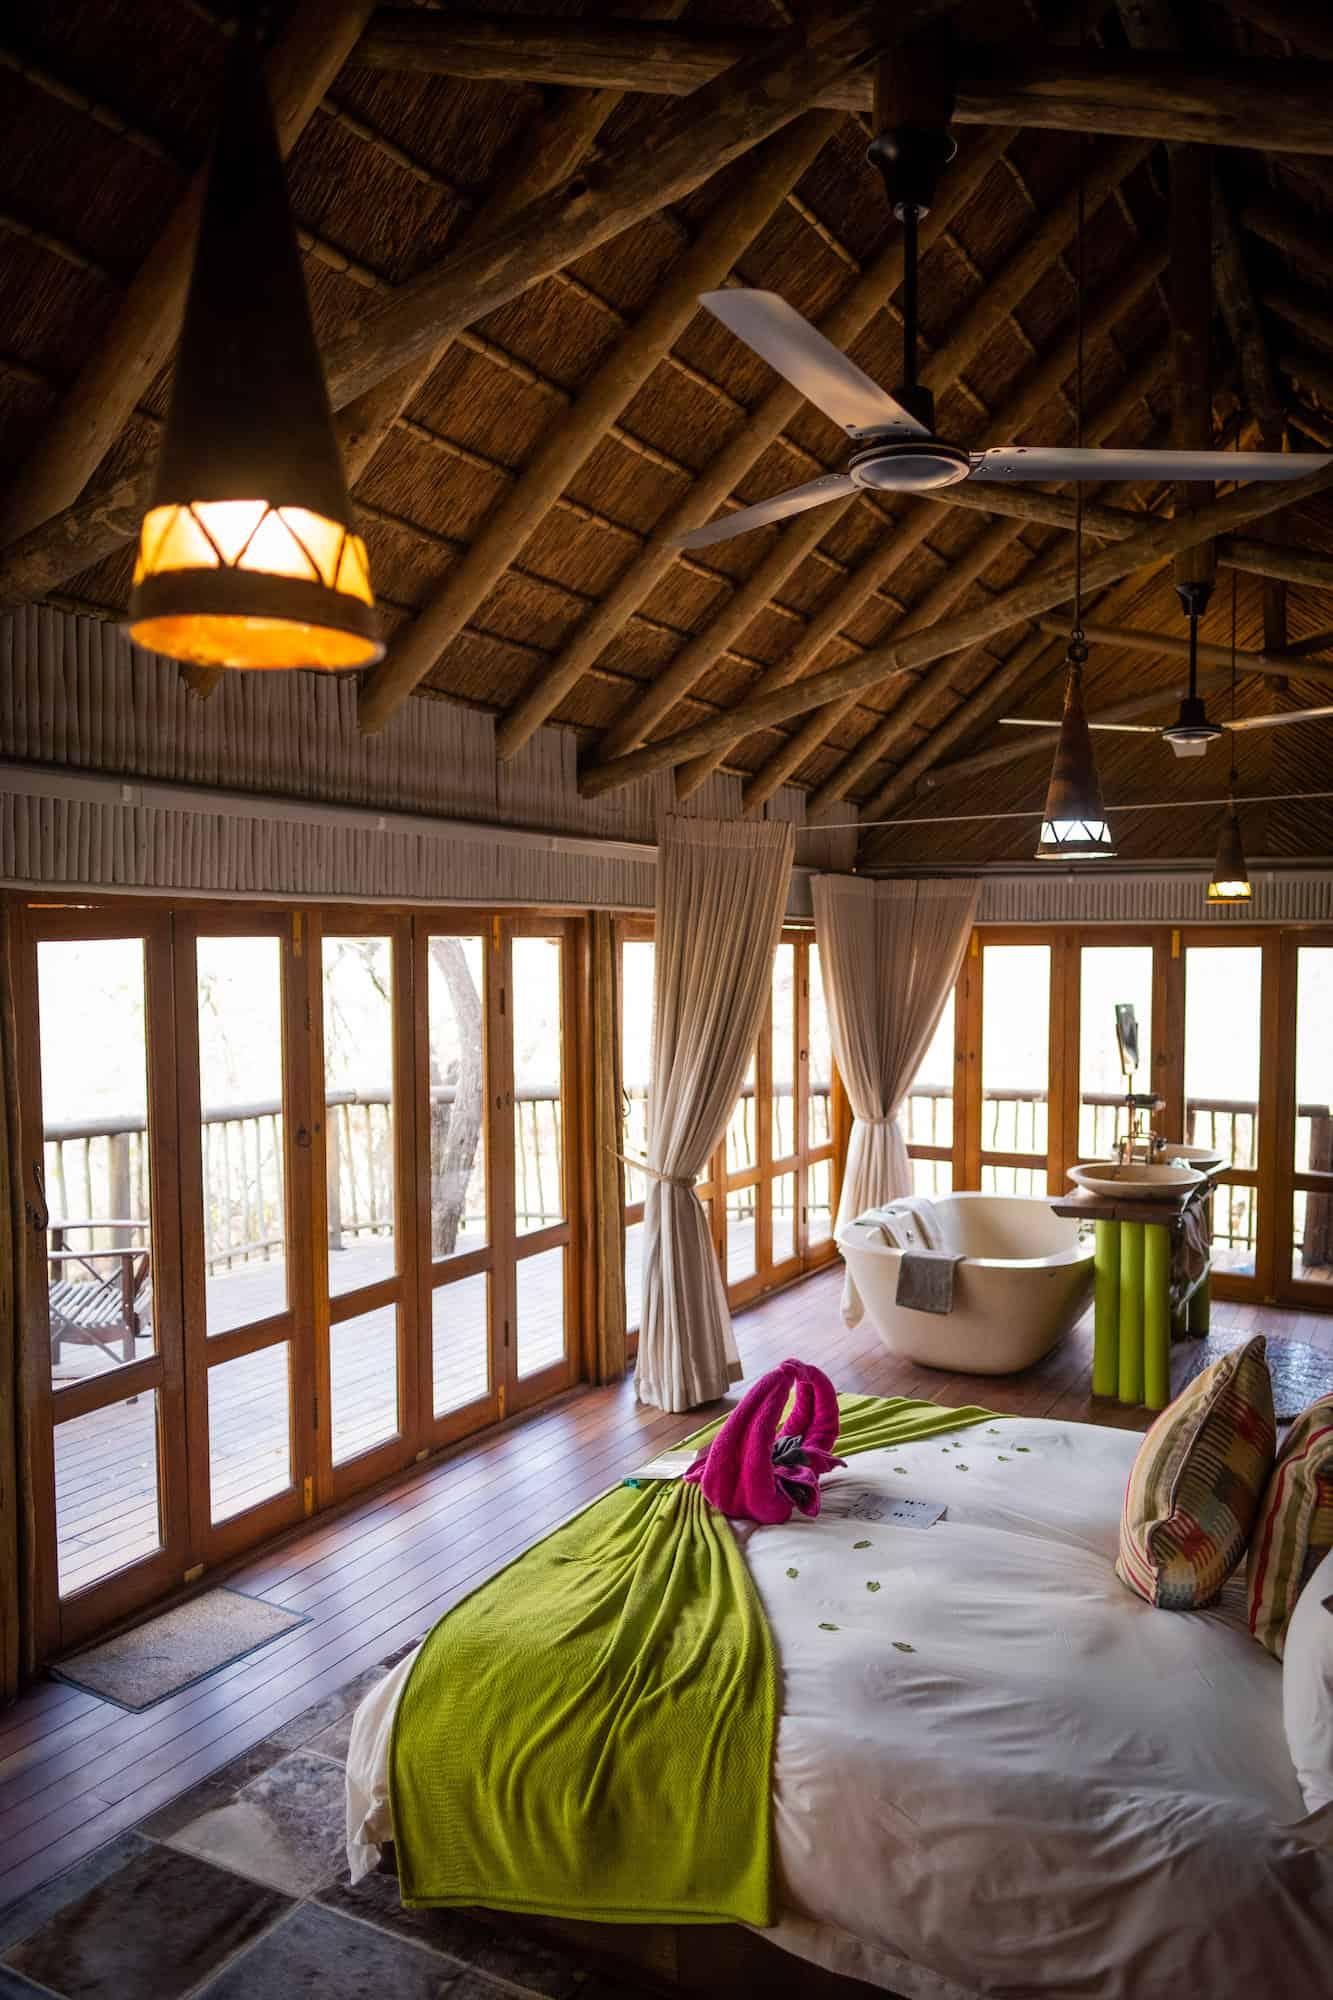 Room at Jaci's Tree Lodge